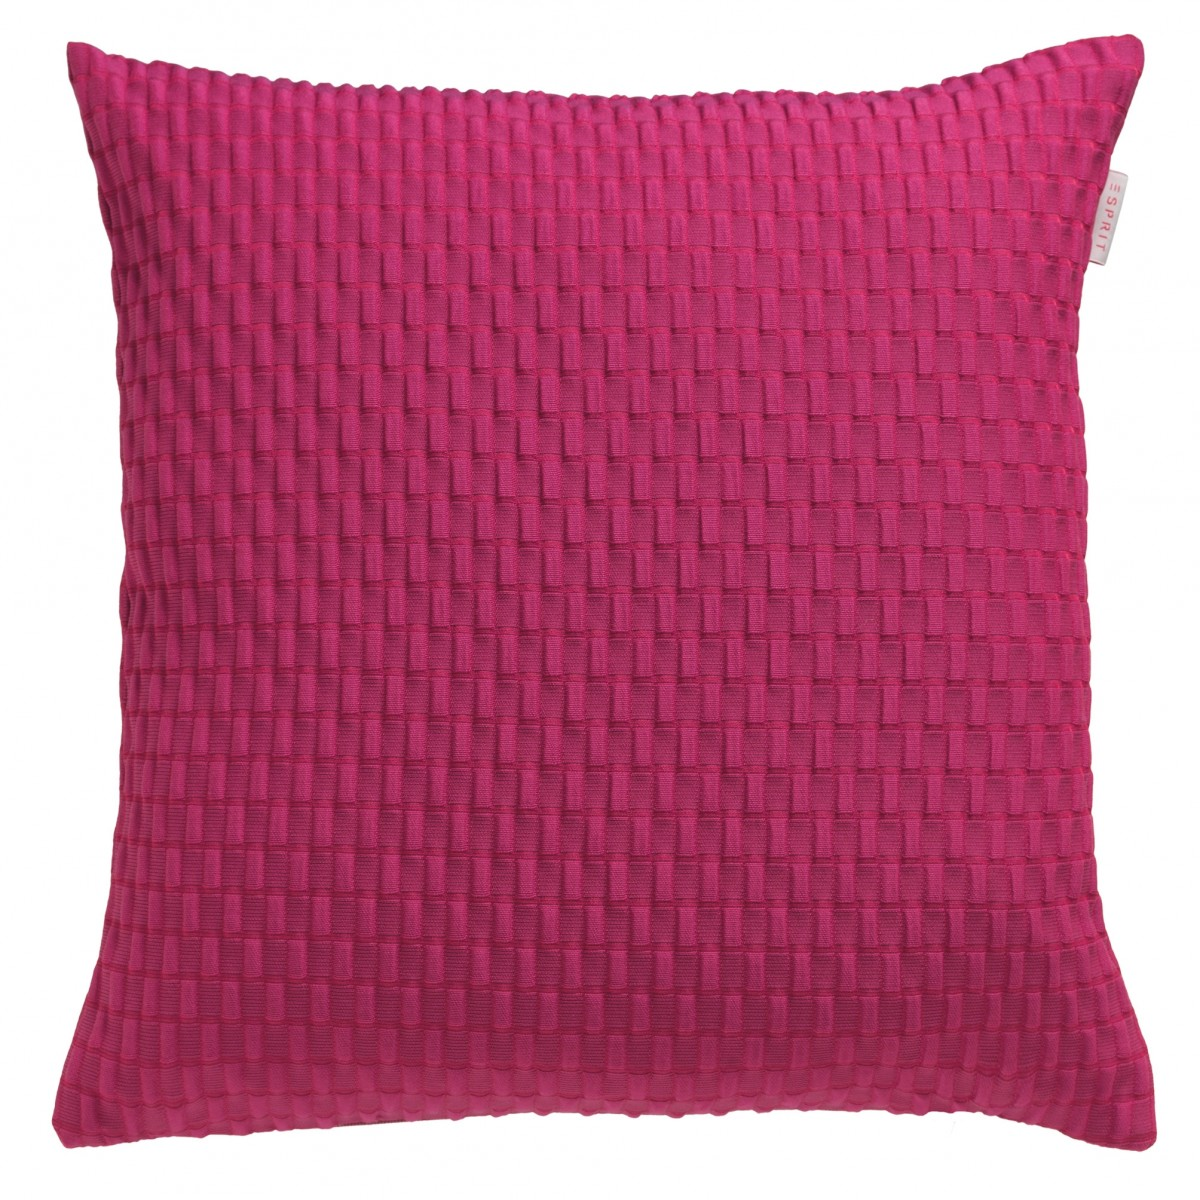 esprit kissenh lle beat pink 50x50cm wohntextilien kissen klassisch uni. Black Bedroom Furniture Sets. Home Design Ideas